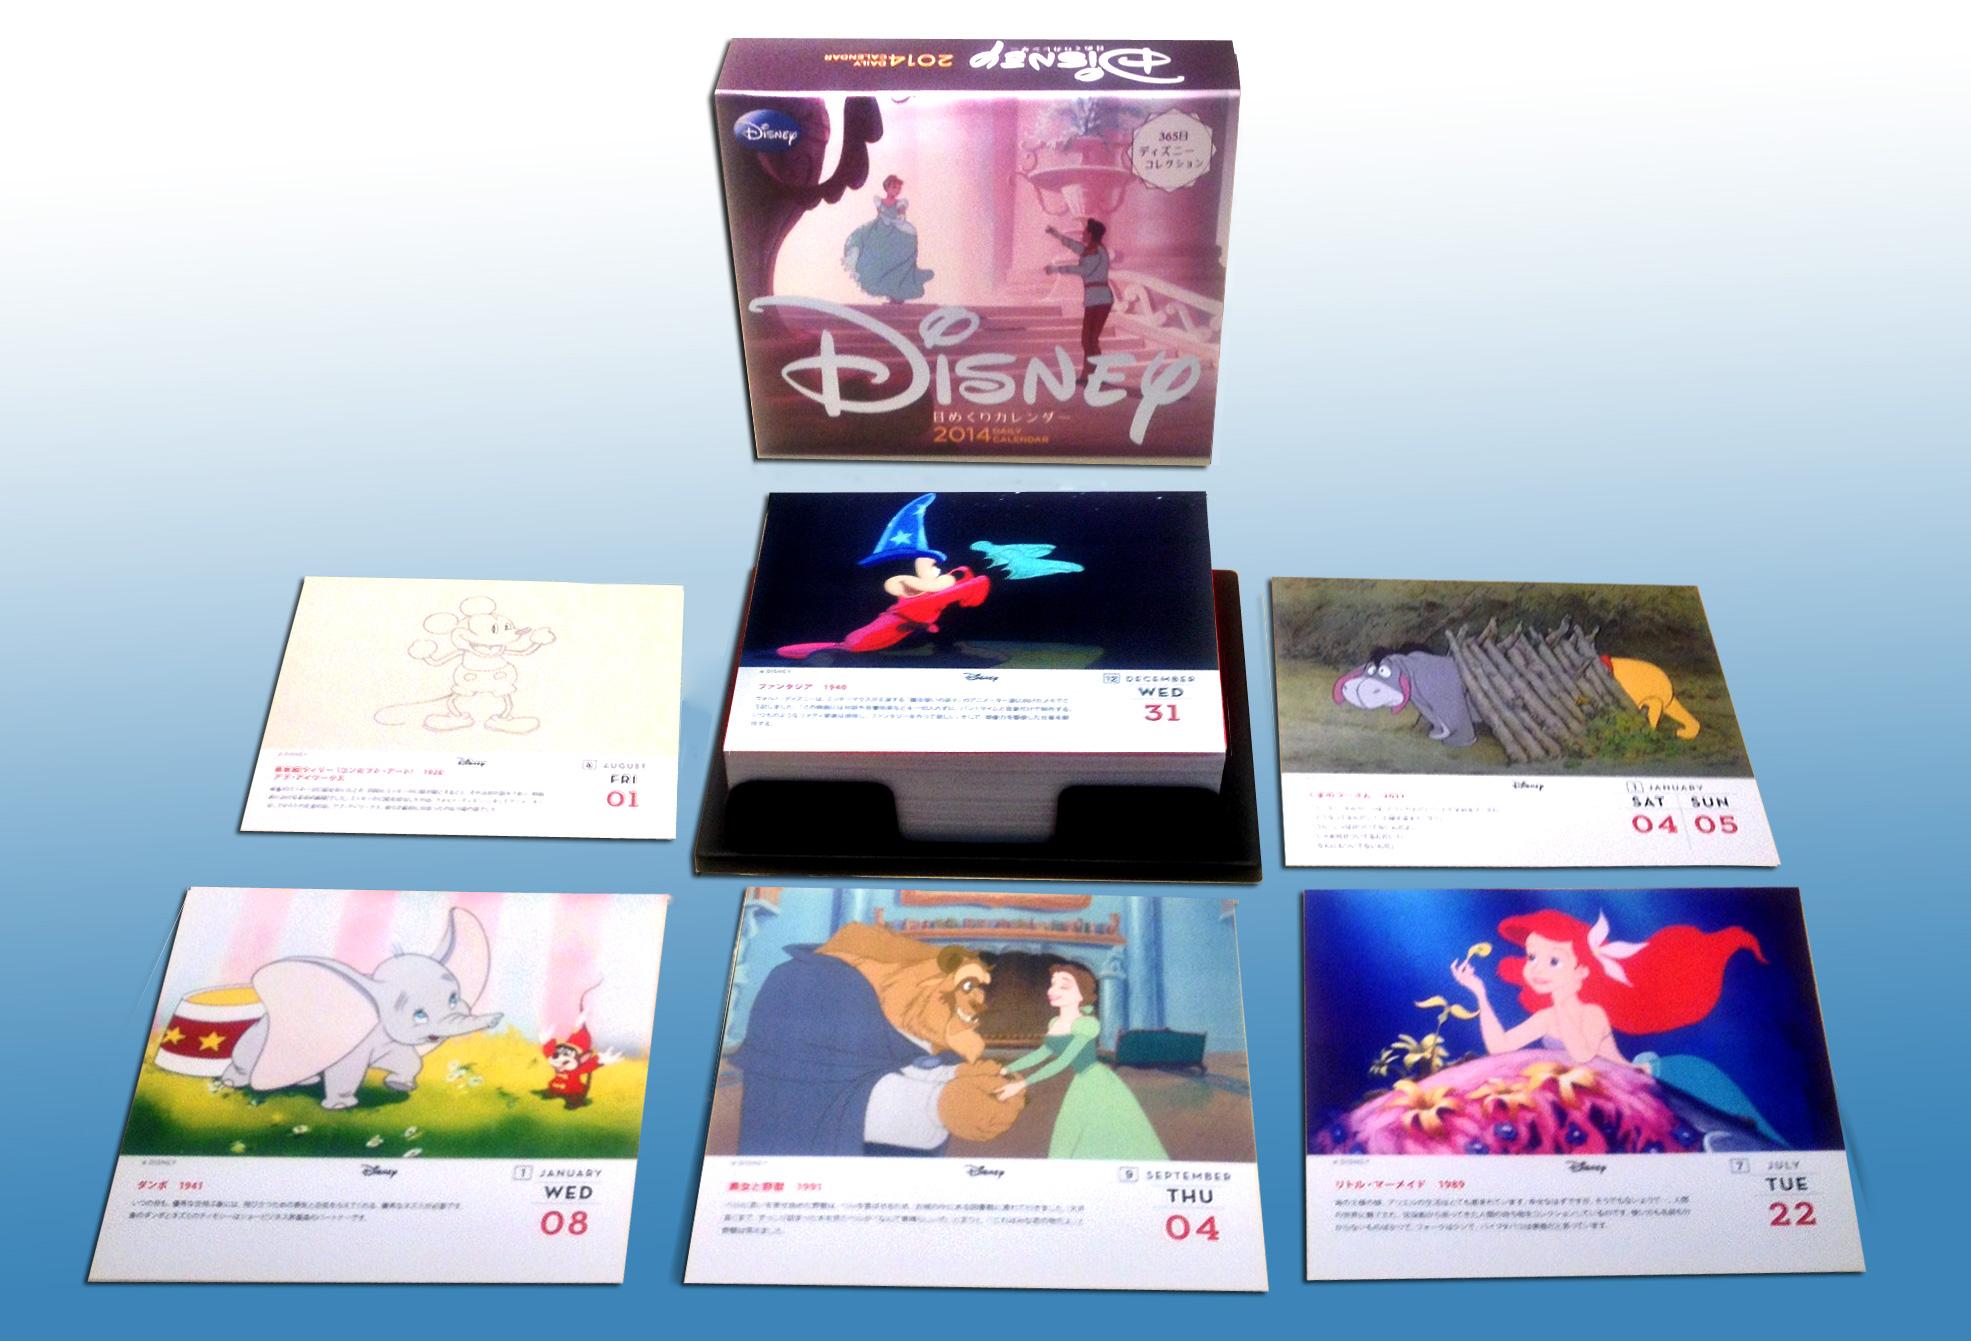 ディズニーの夢と魔法がつまった365日楽しめるカレンダー『ディズニー